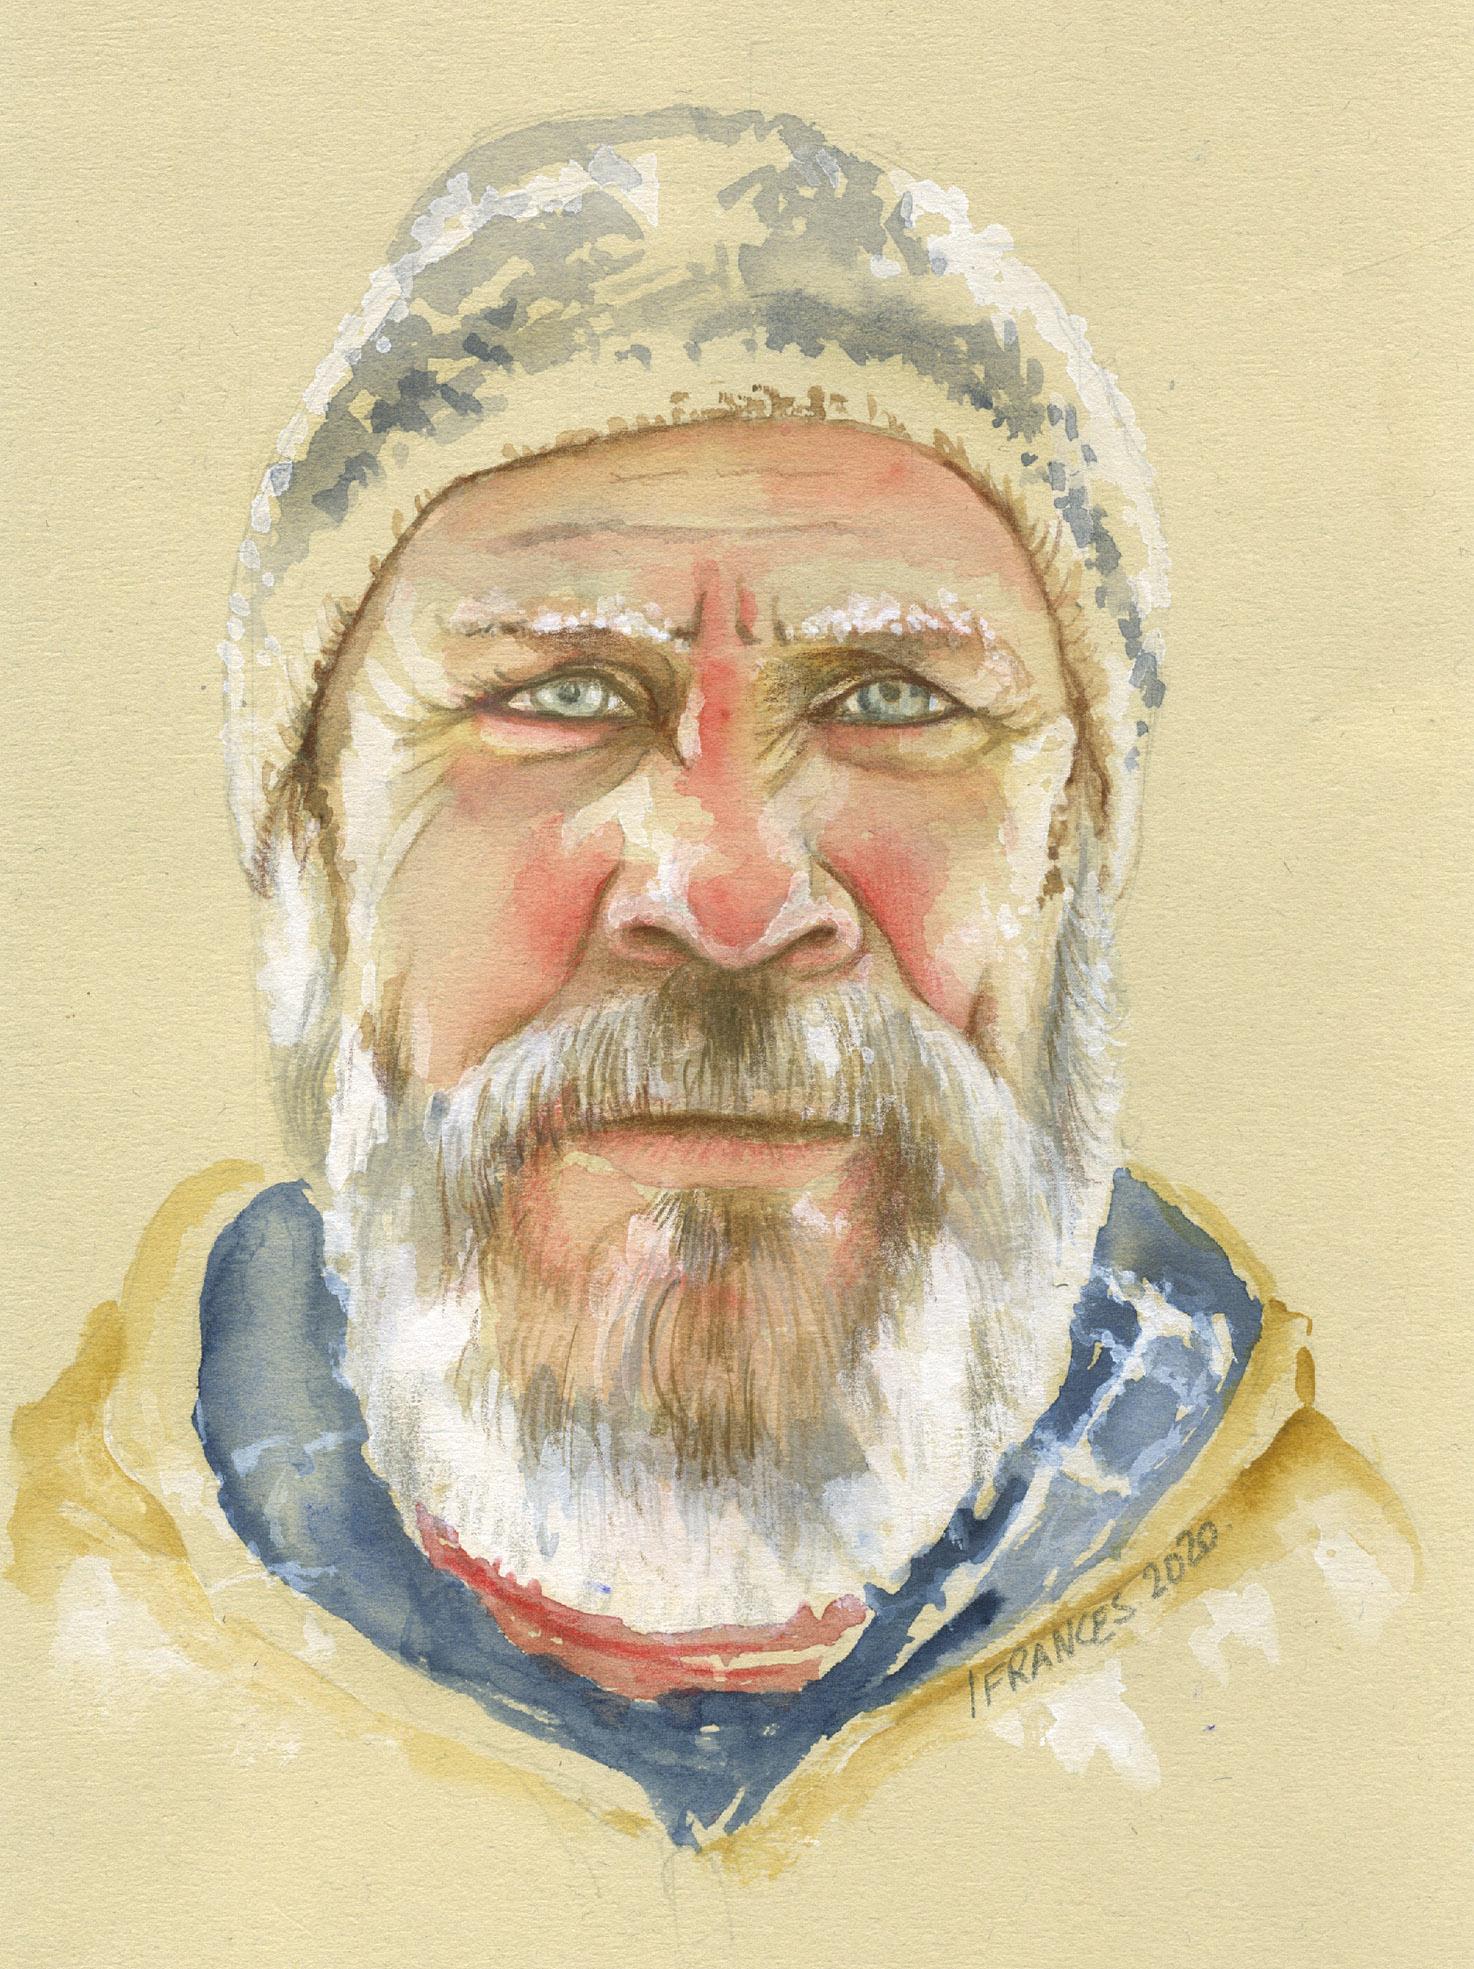 Portrait à l'aquarelle inspiration technique de Lynda Bell-Mann sur Sktchy